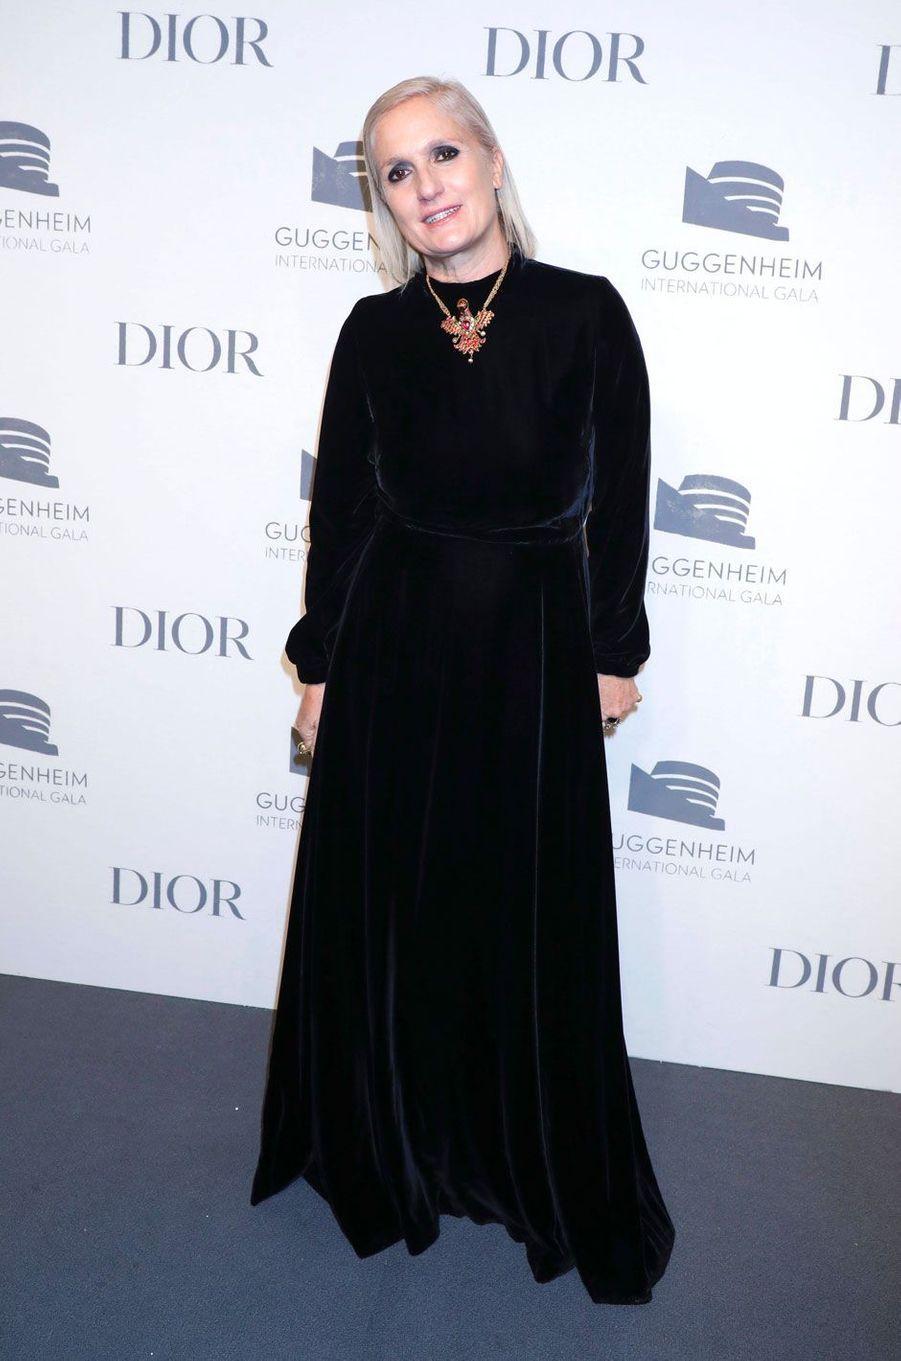 Maria Grazia Chiuri au «Guggenheim International Gala» à New York le 15 novembre 2018